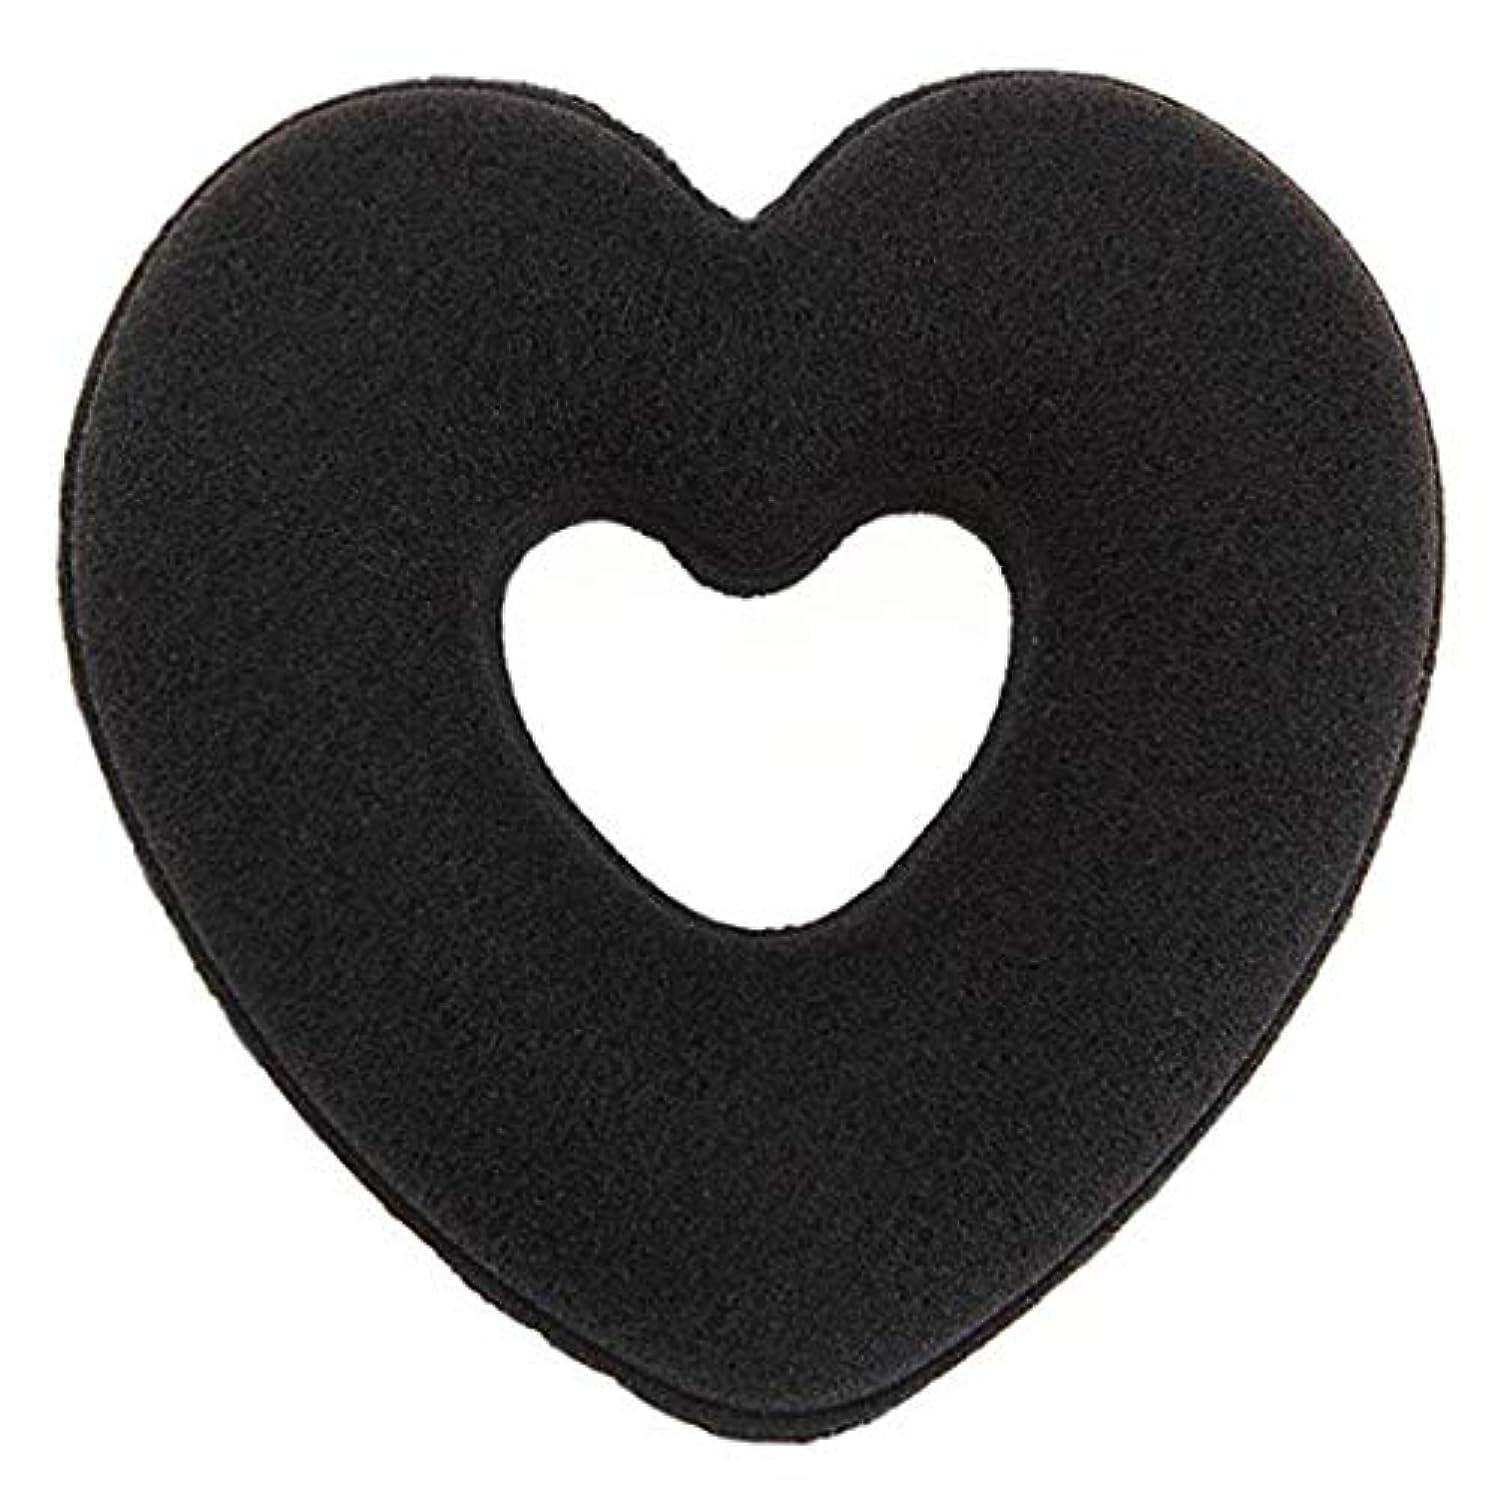 いつジョージバーナードあらゆる種類のSwiftgood 女性ヘアスタイリングアクセサリーハートドーナツバンラップヘアリングバドクリップセットヘアアップデータメーカーヘアバドクリップ